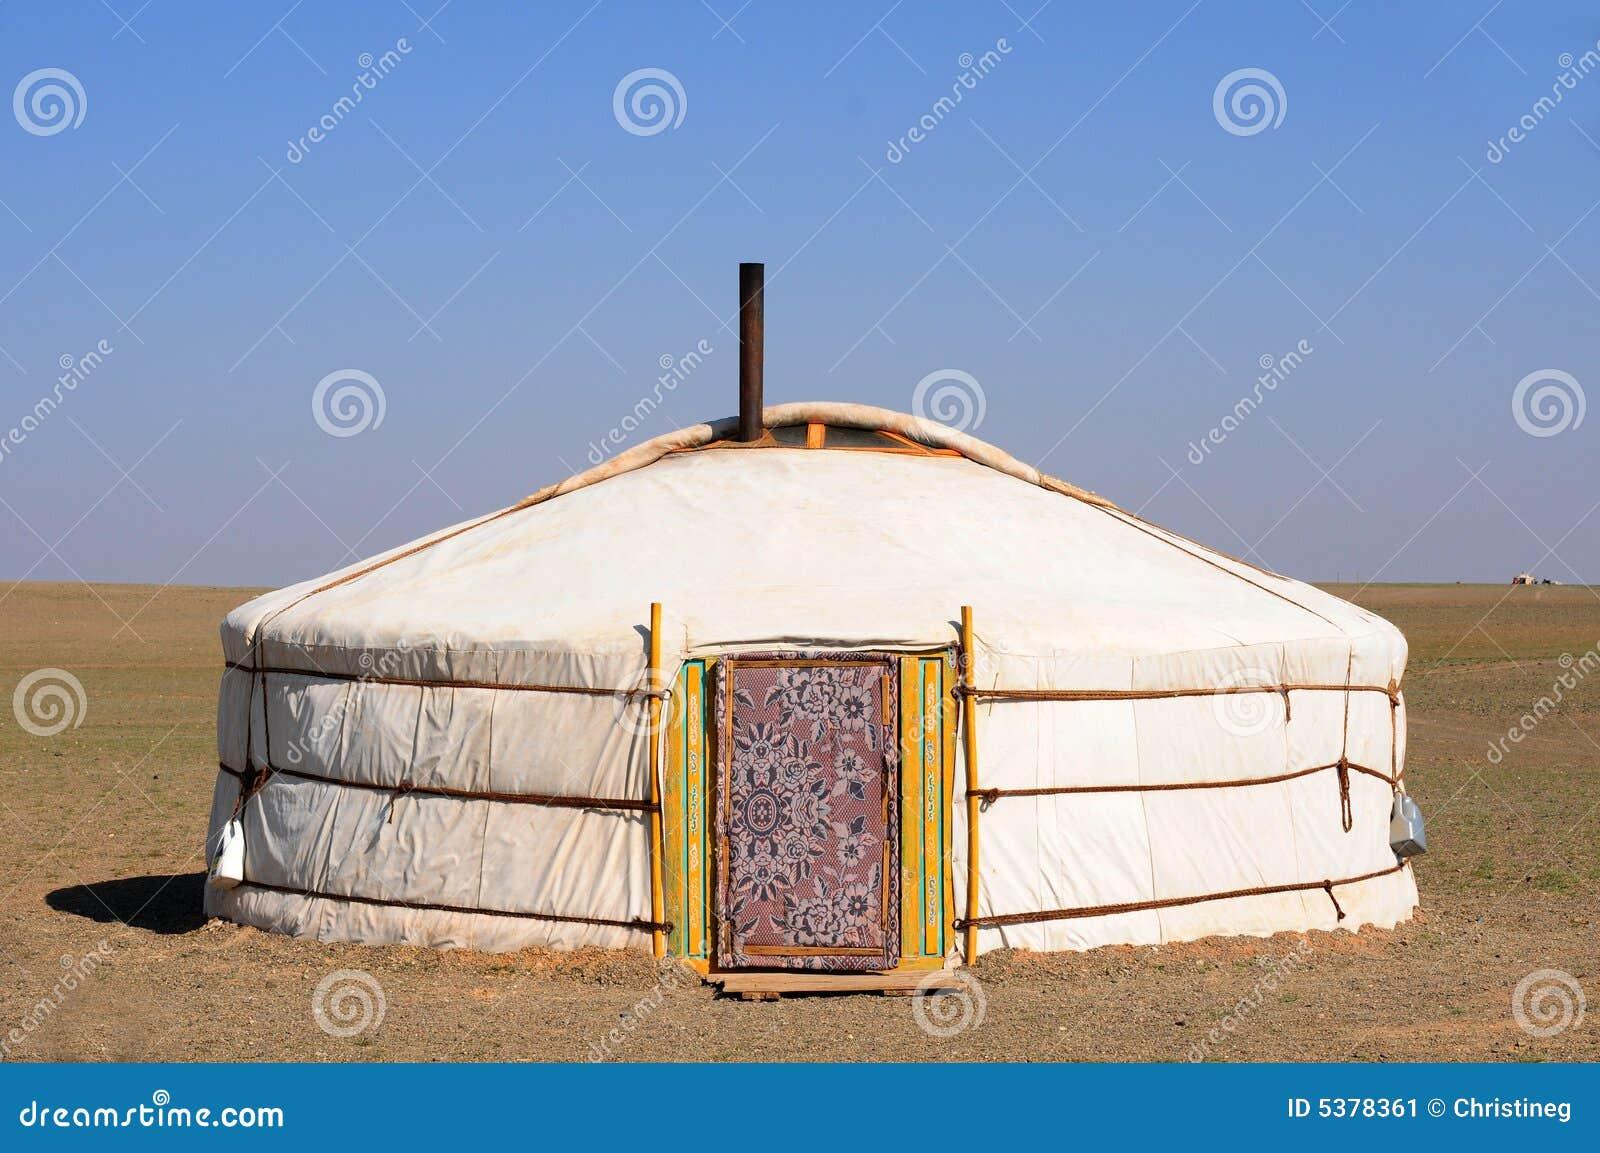 Gers蒙古游牧人yurt